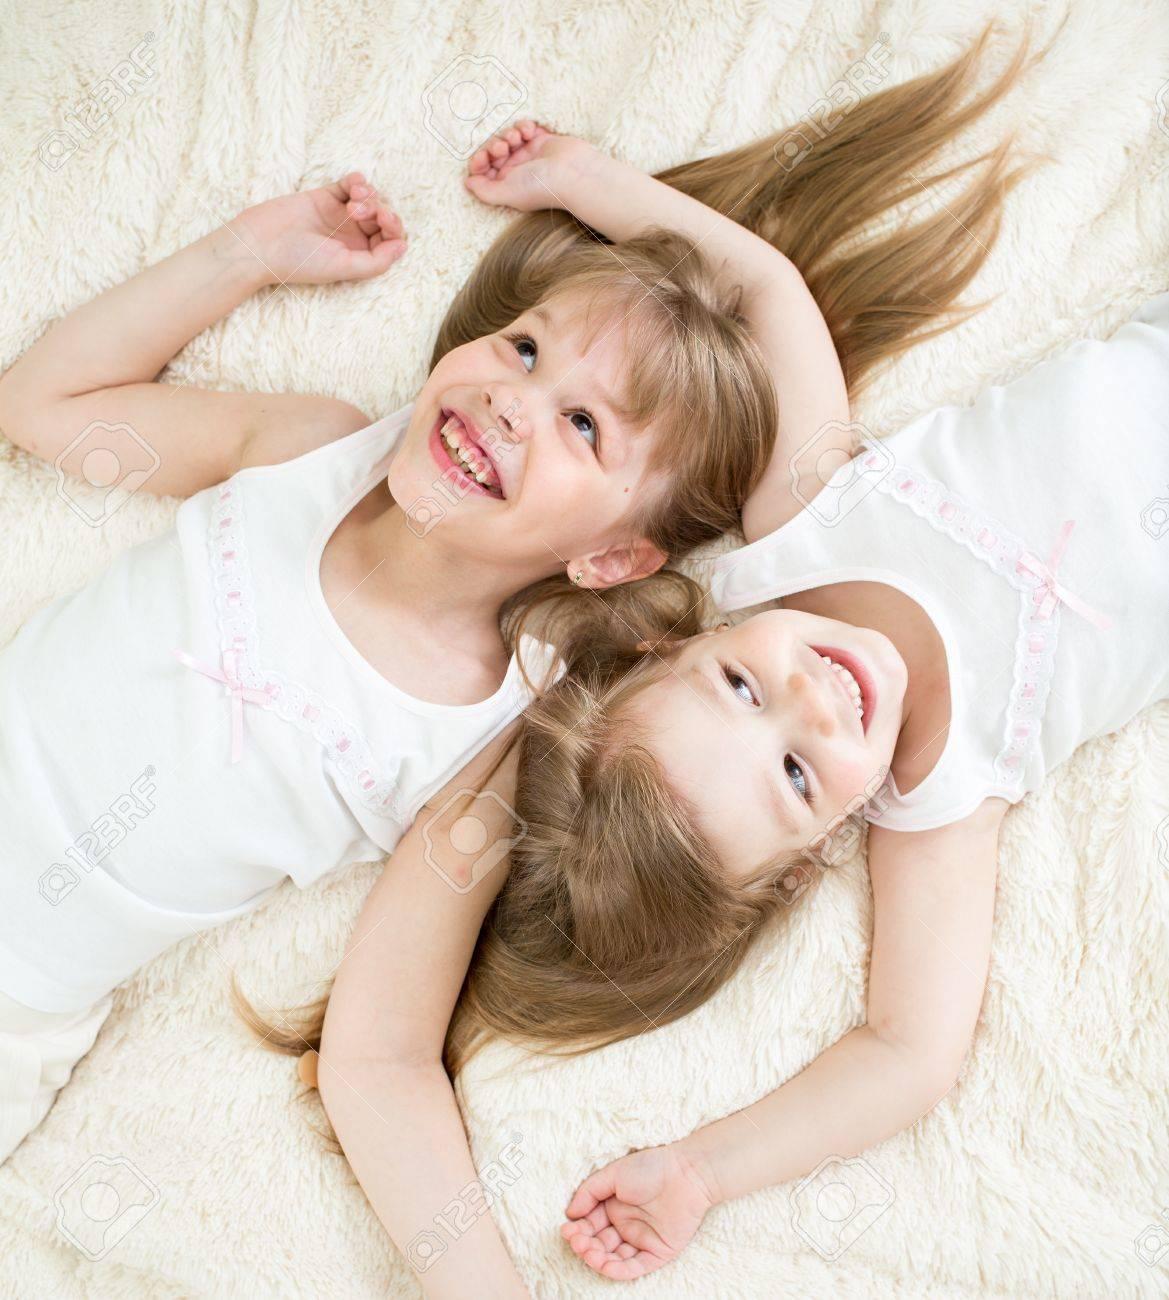 Фото сестры в пижаме 22 фотография